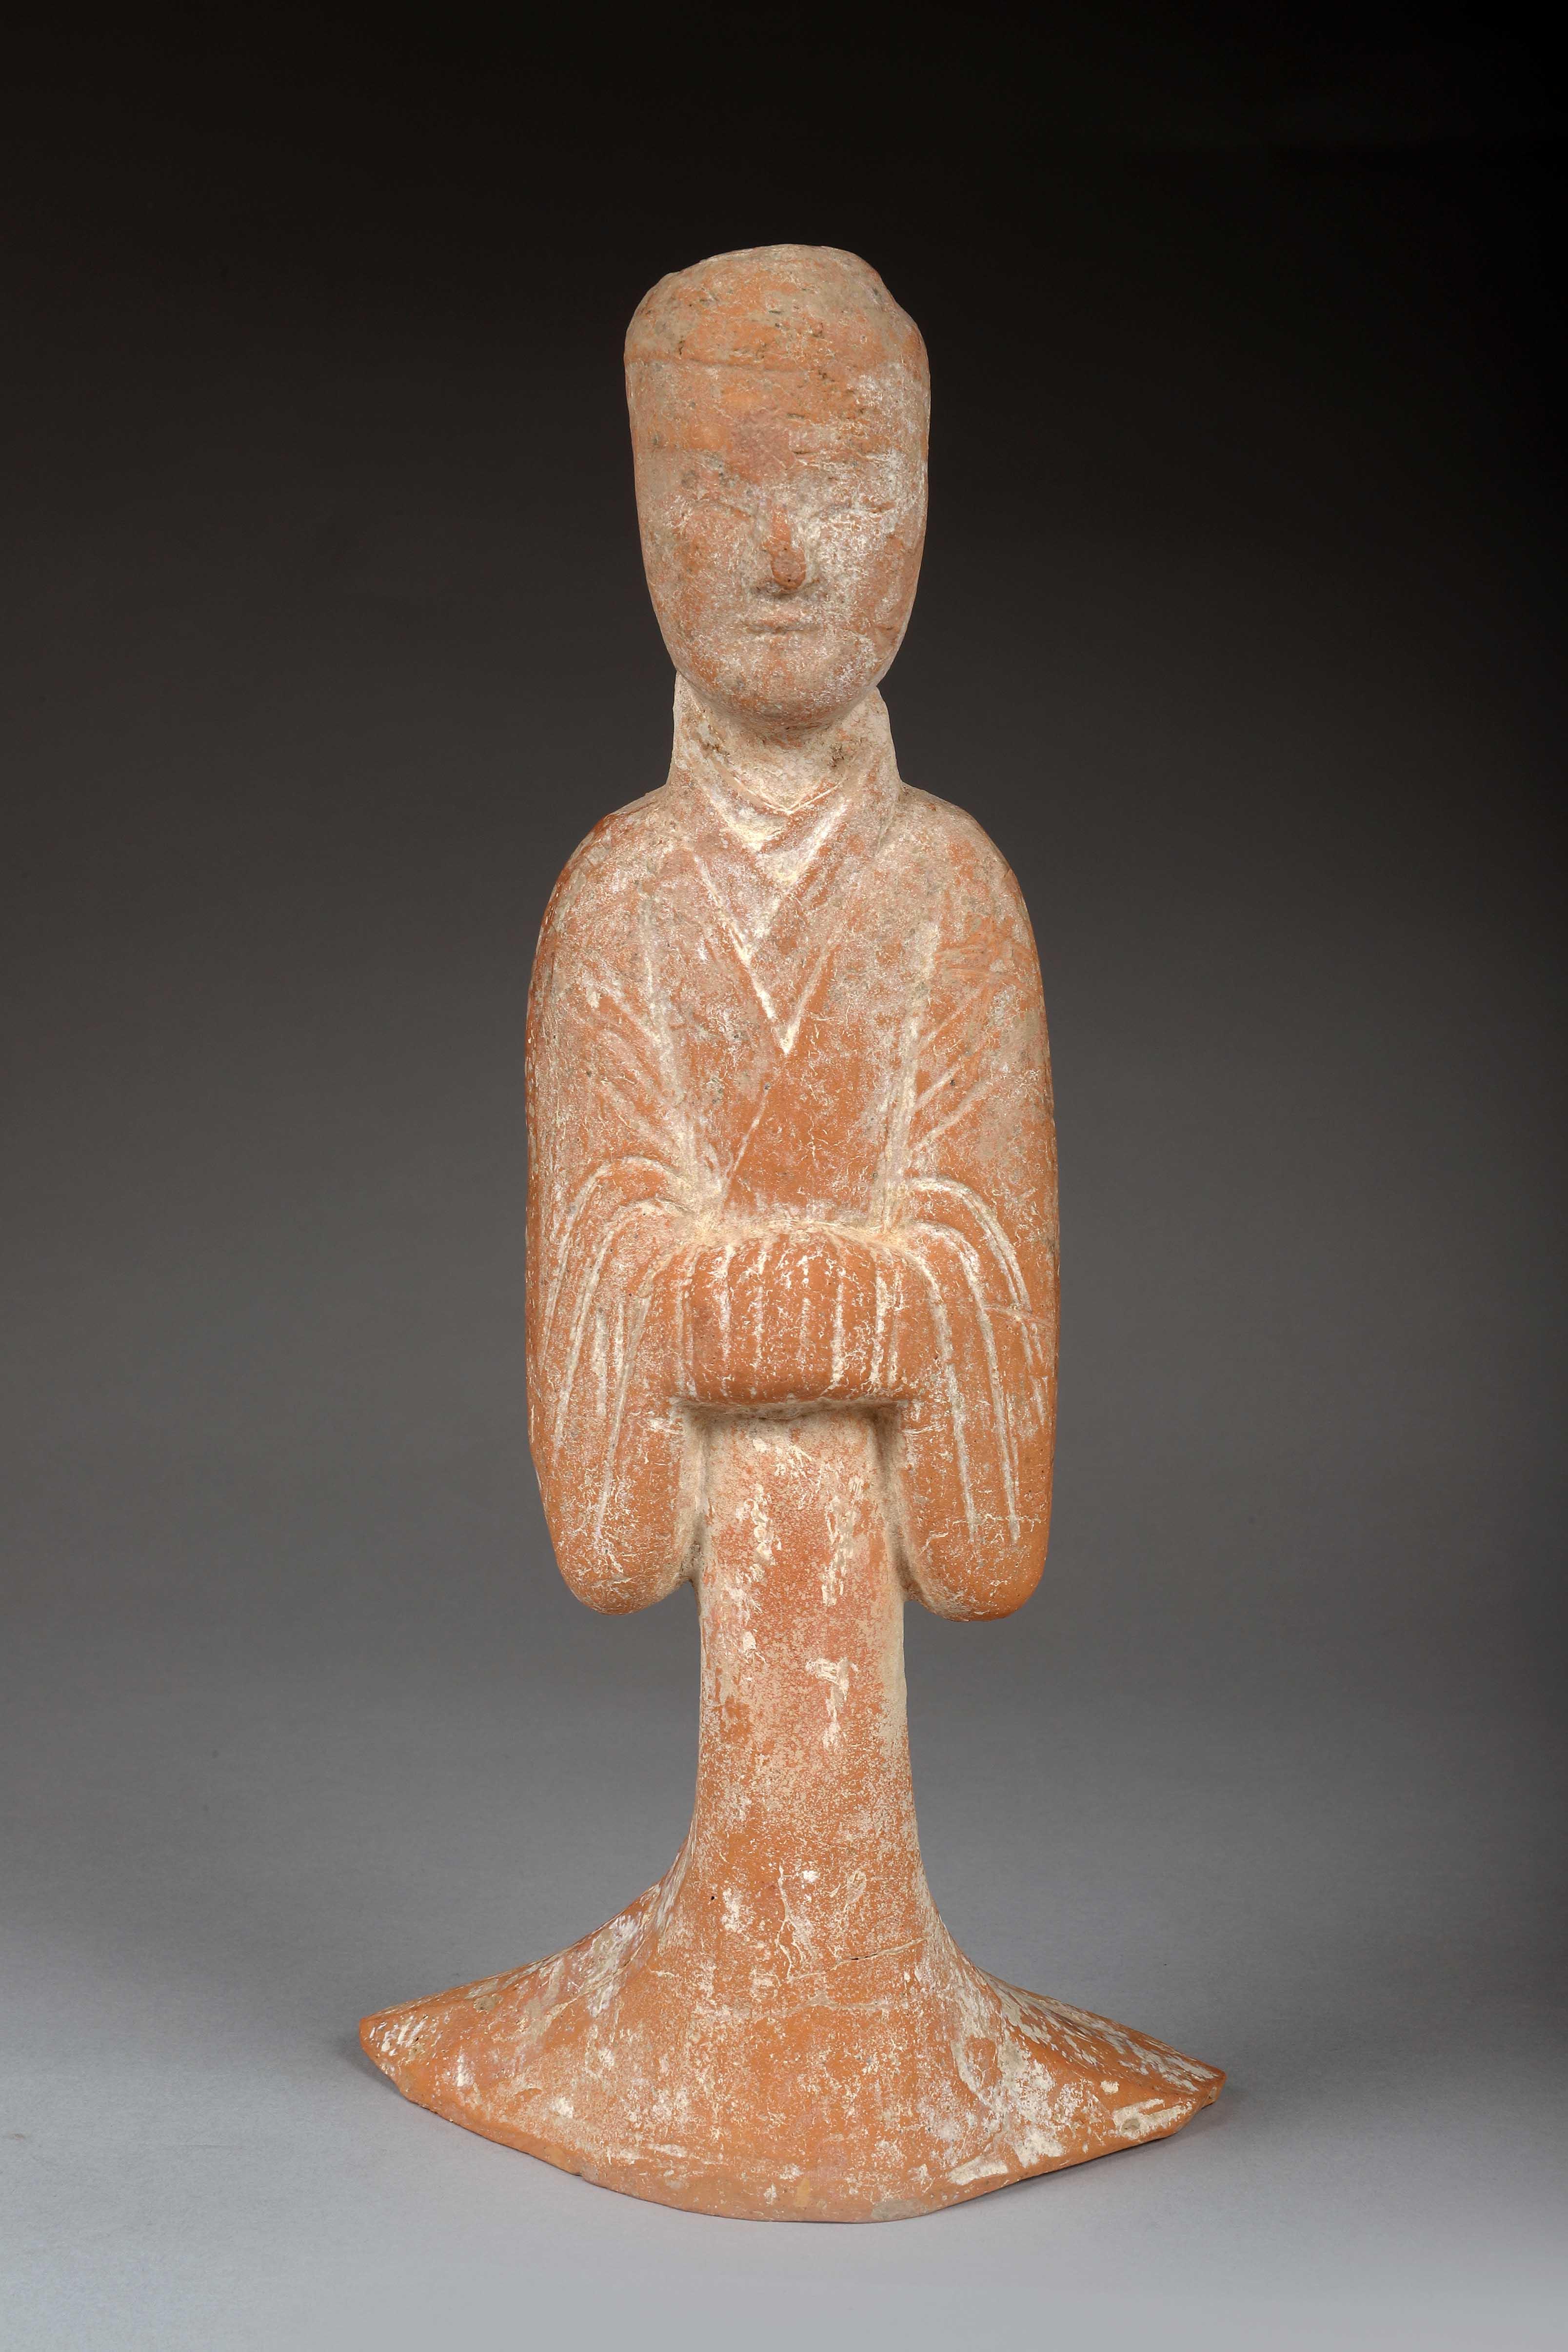 Personnage féminin Terre cuite rosée Chine, Epoque Tang (618-907) Quelques éclats, [...]